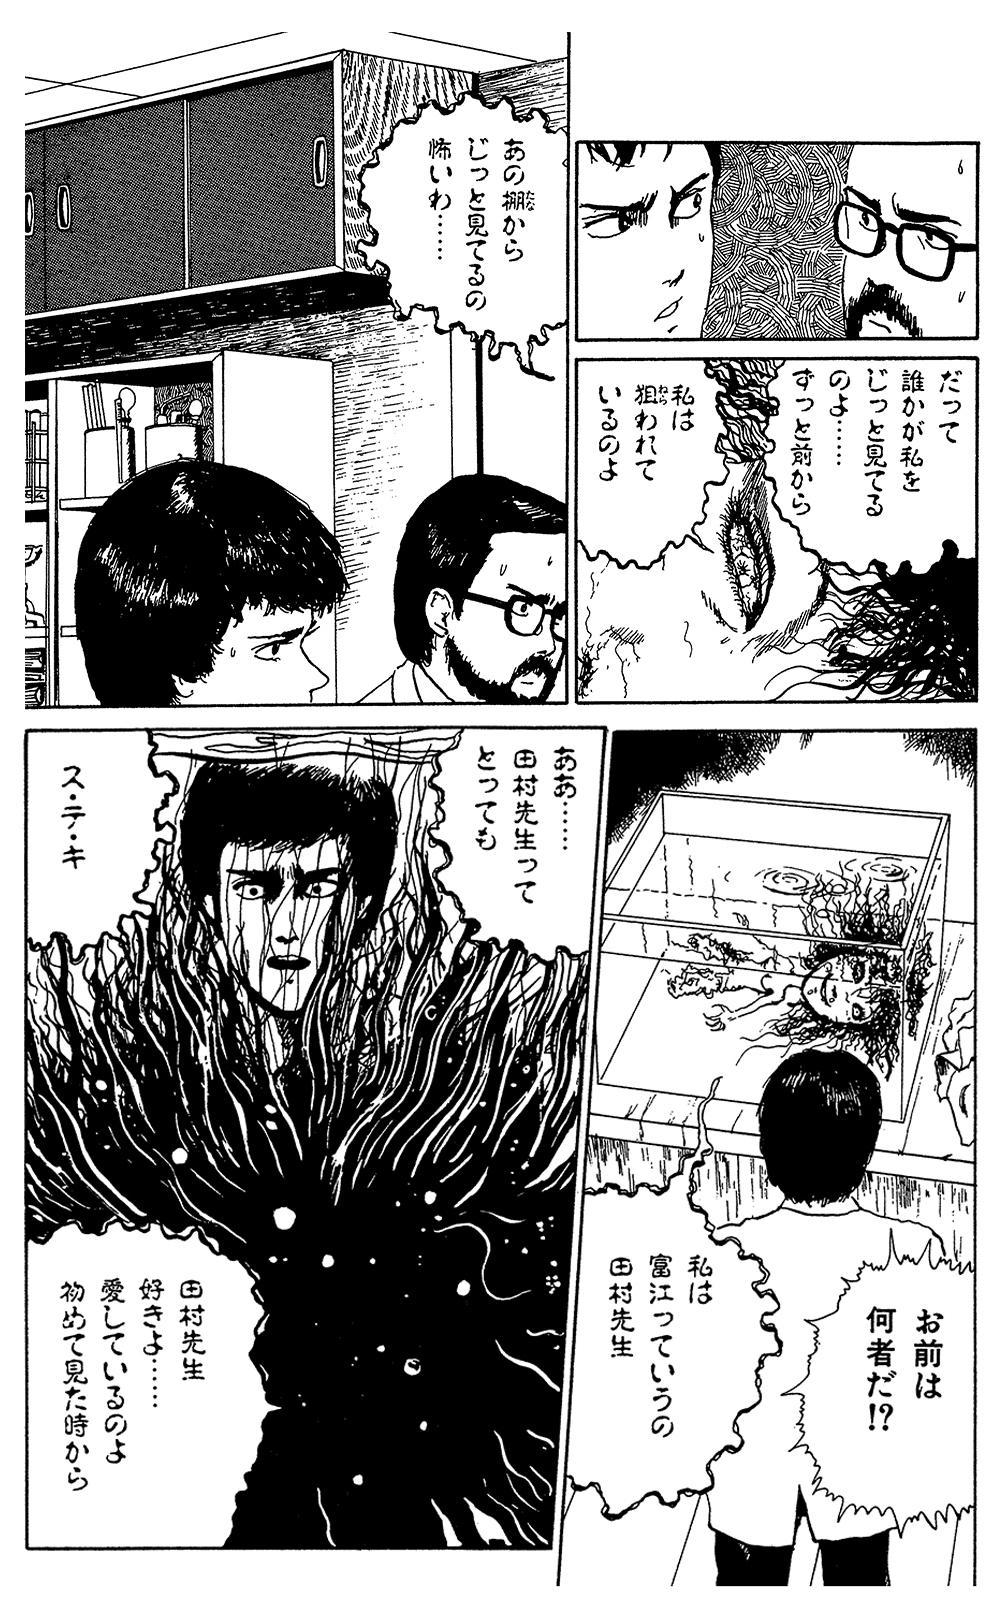 伊藤潤二傑作集 第3話「富江 地下室」②junji07-06.jpg